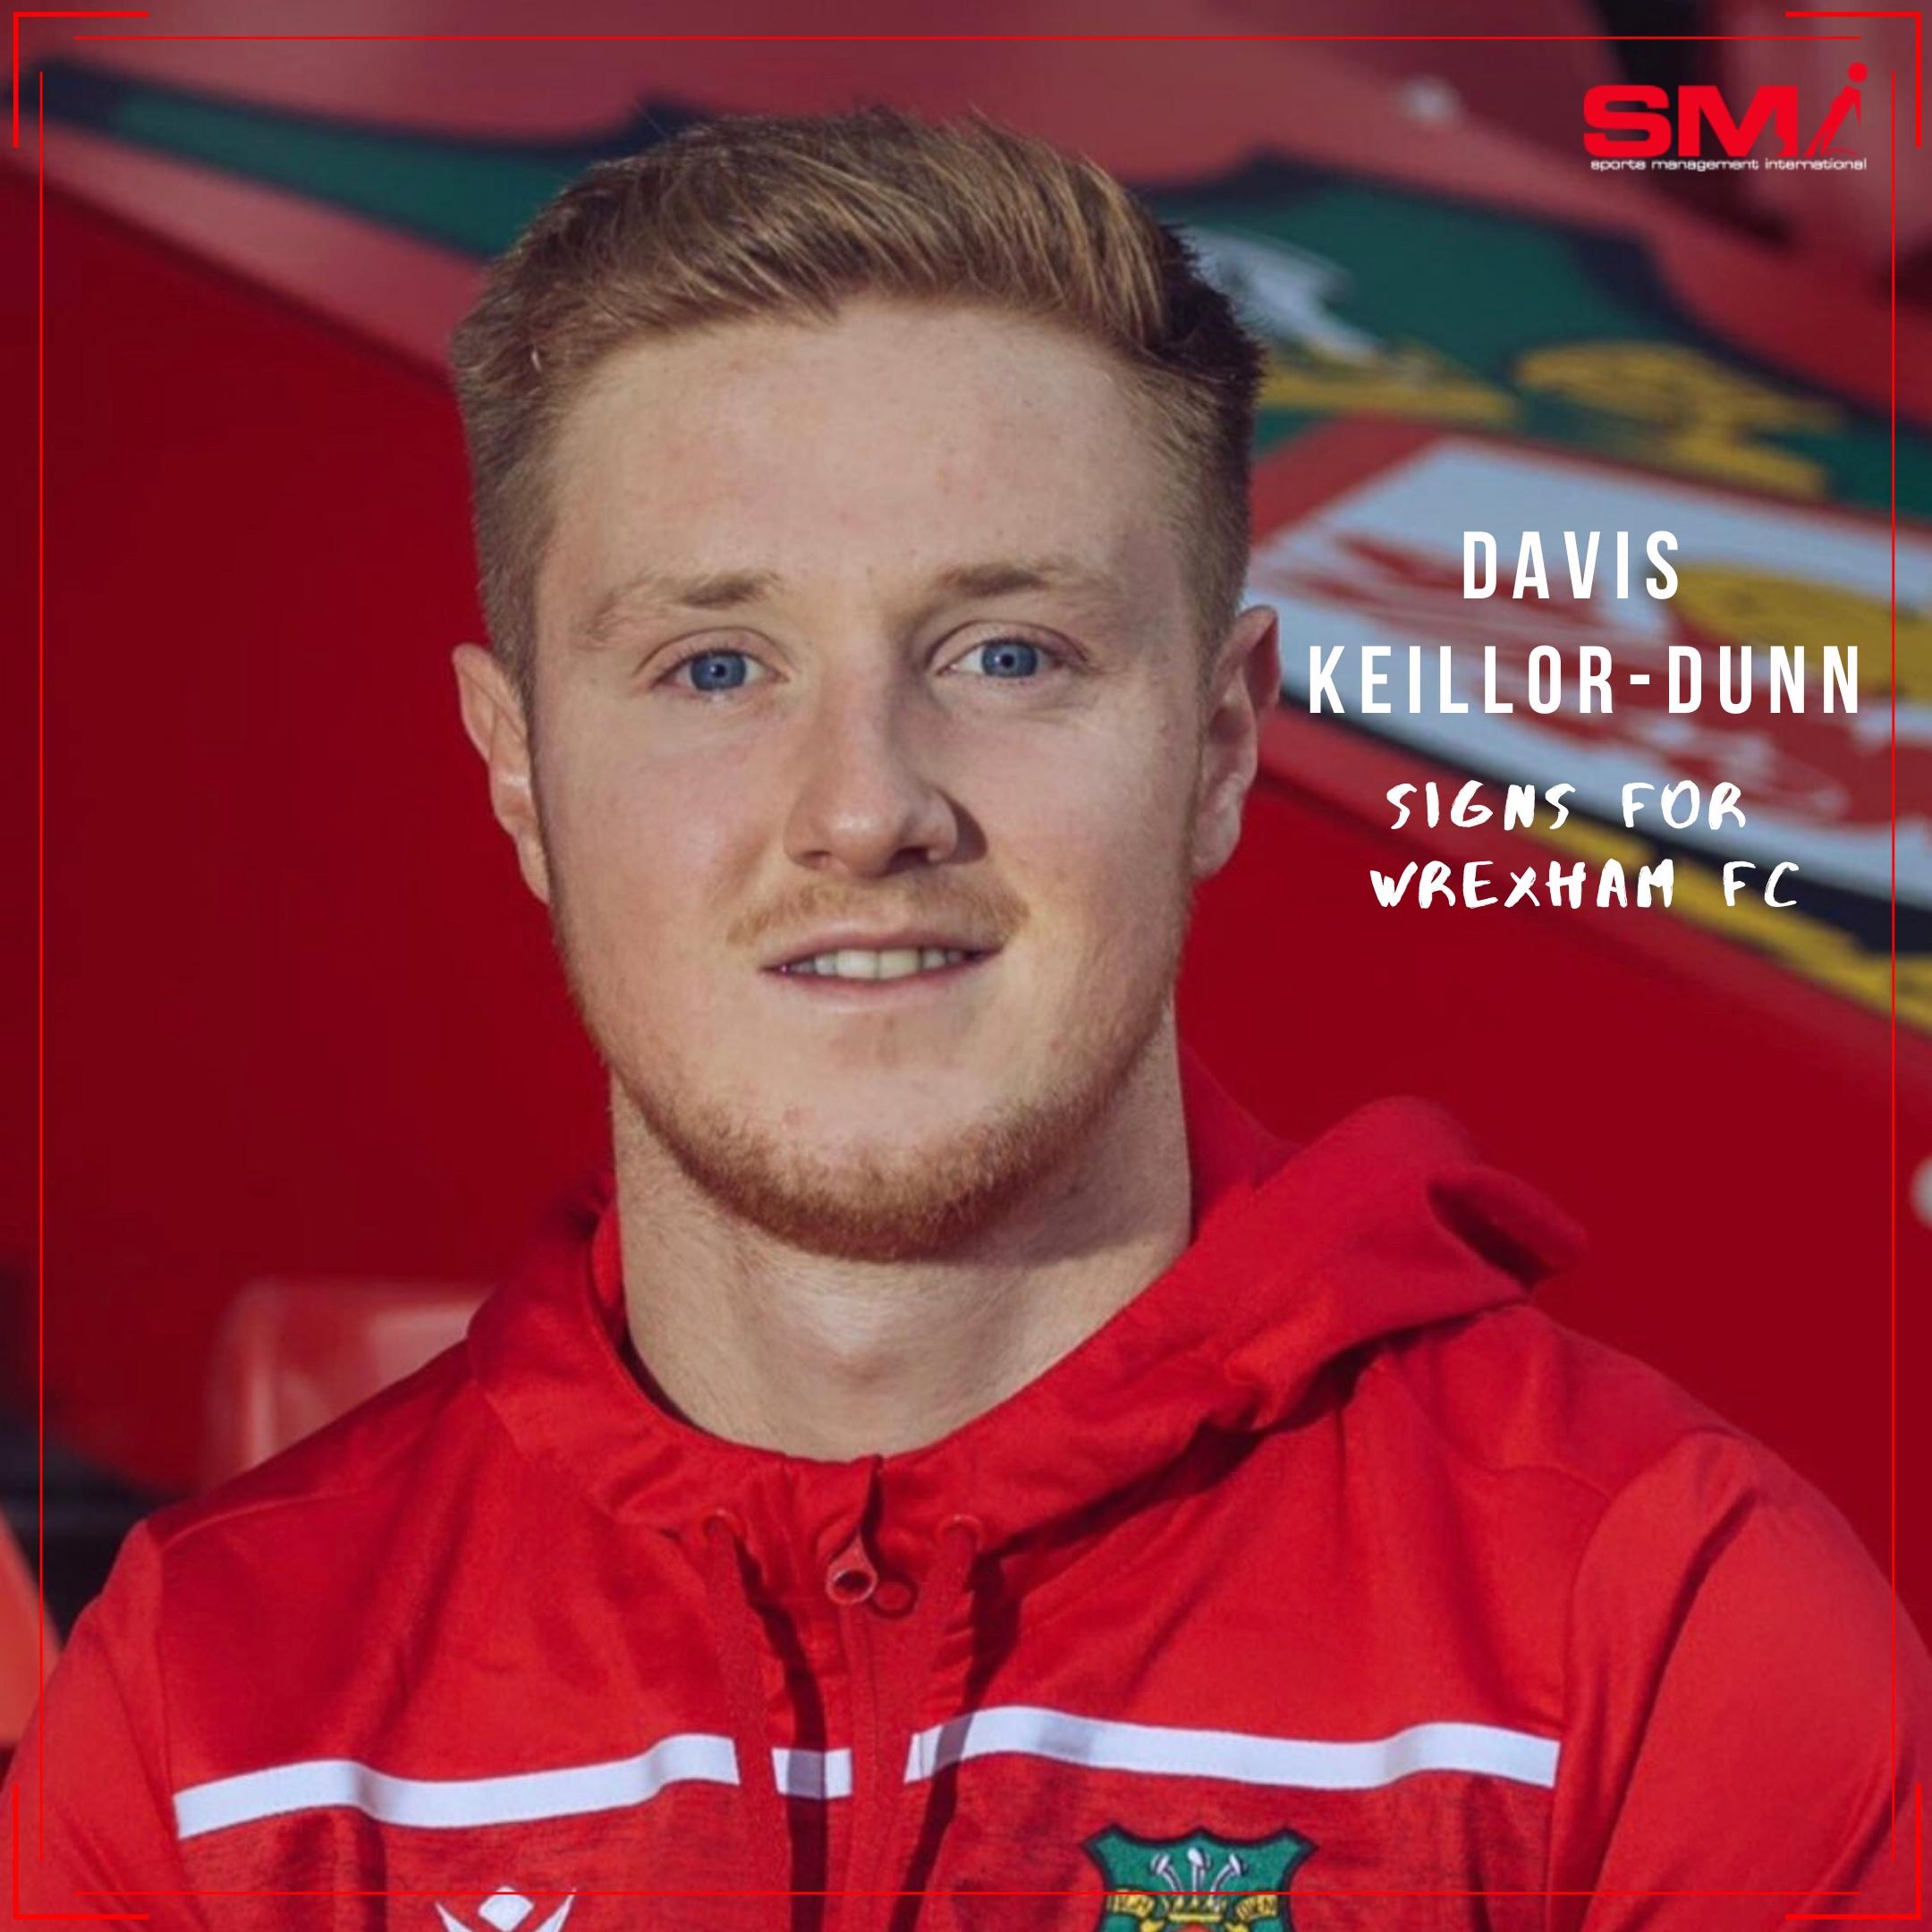 Davis Keillor-Dunn signs for Wrexham